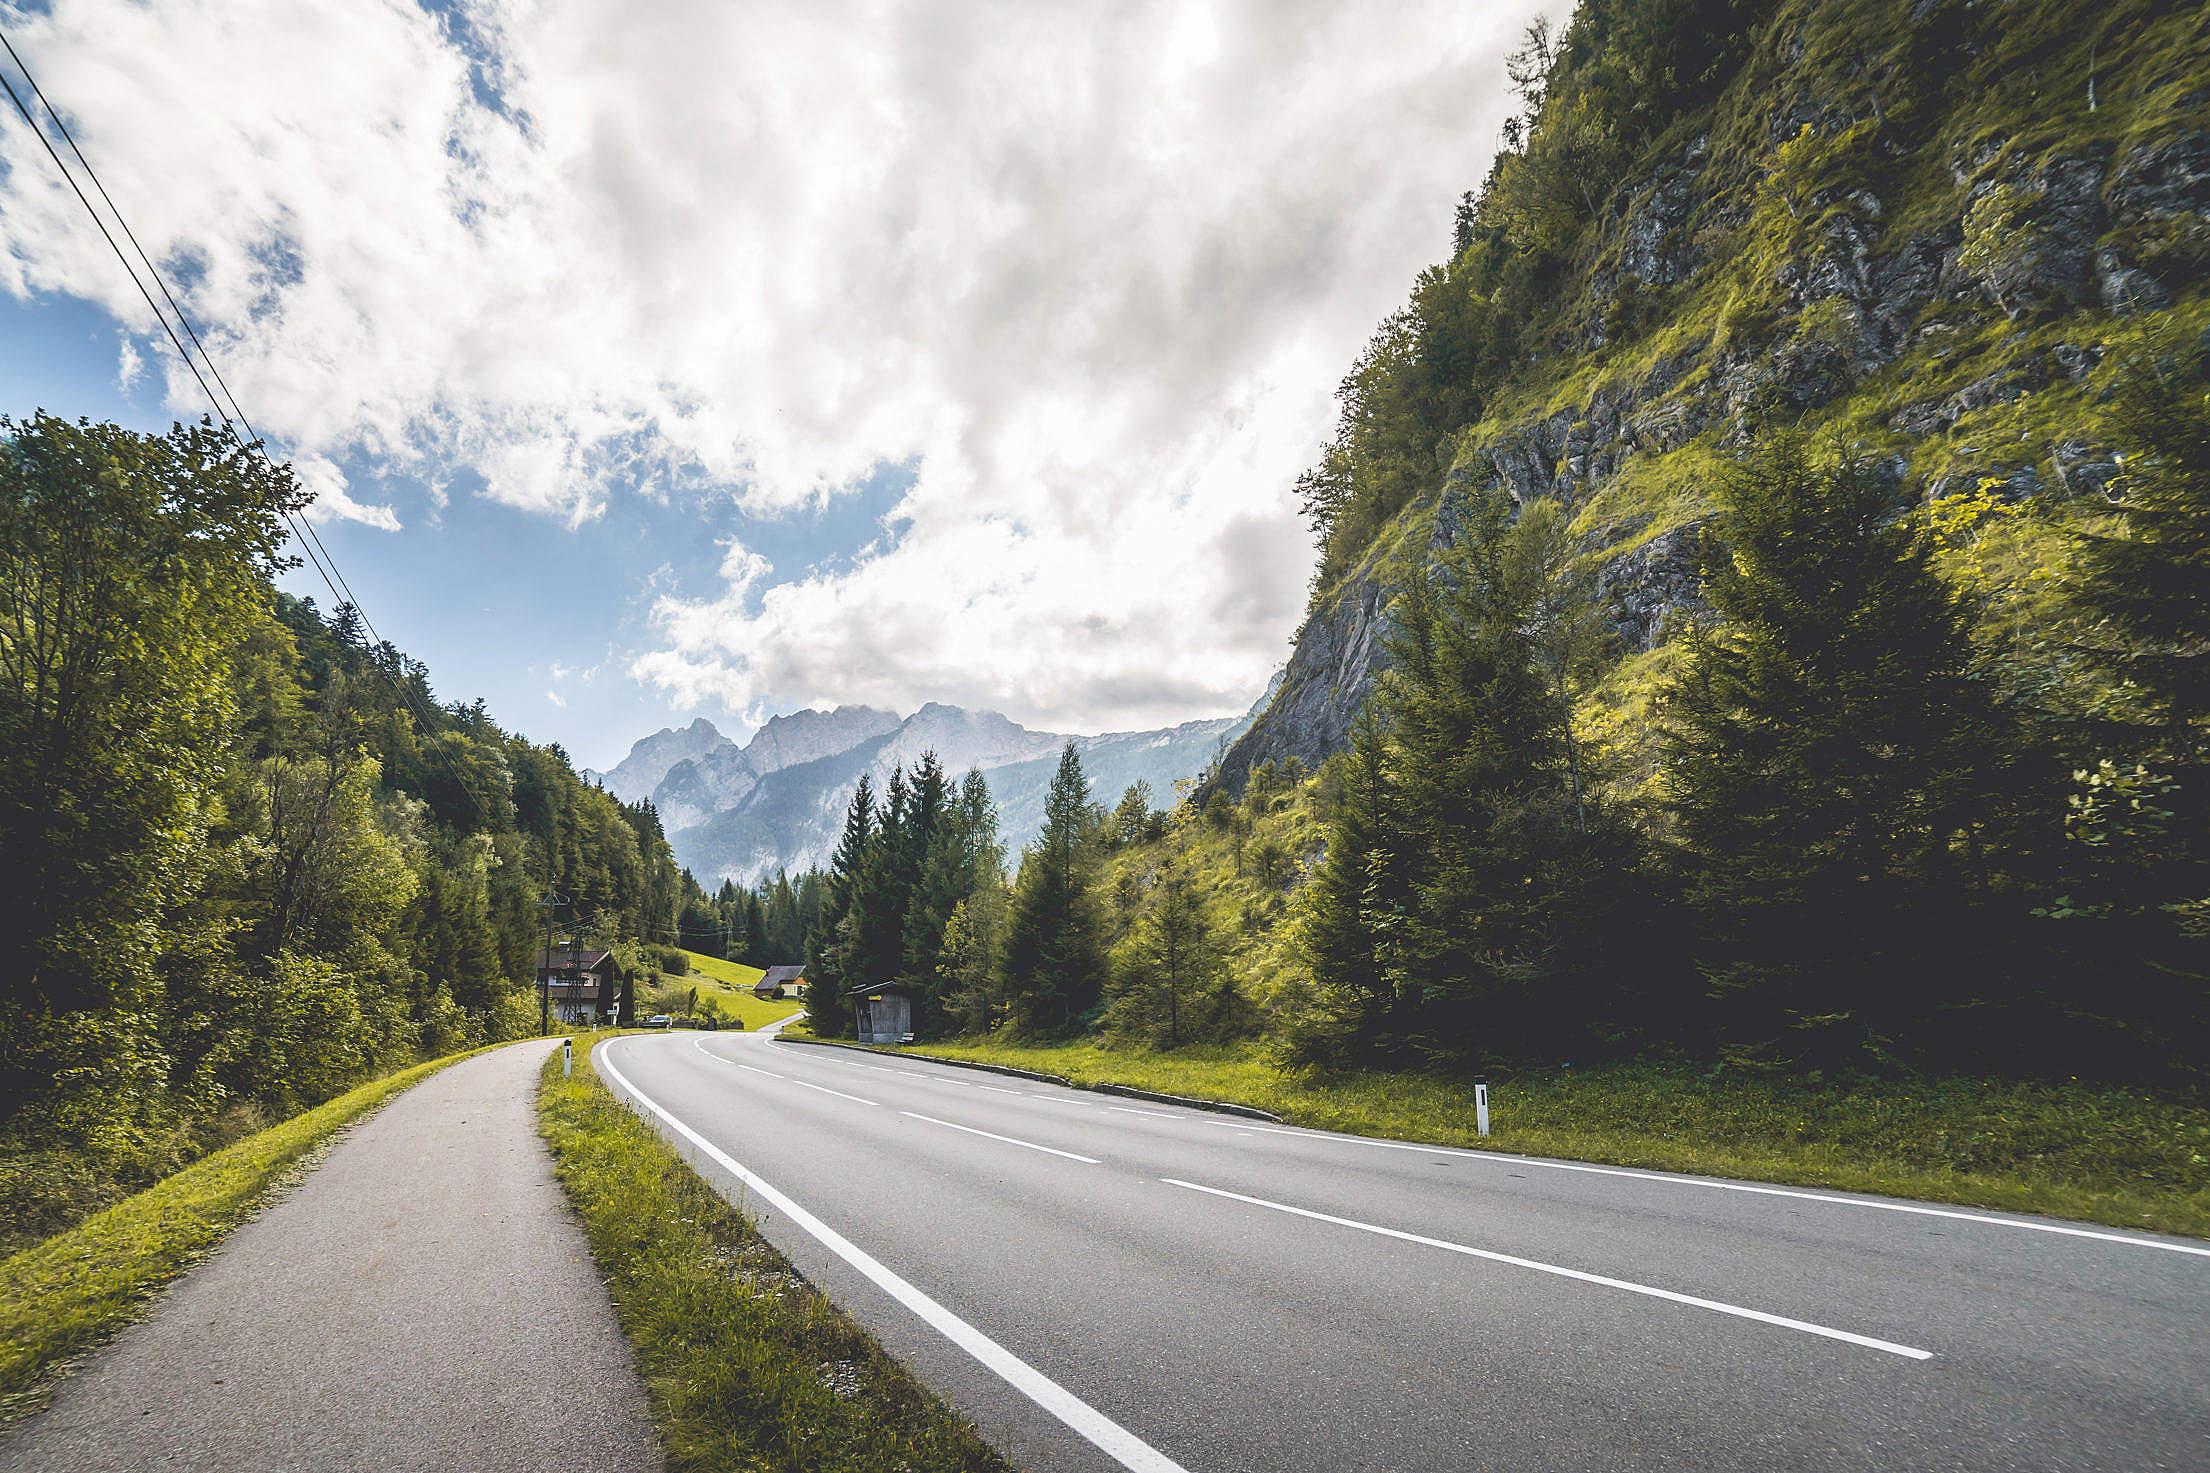 Mountain Road Free Stock Photo